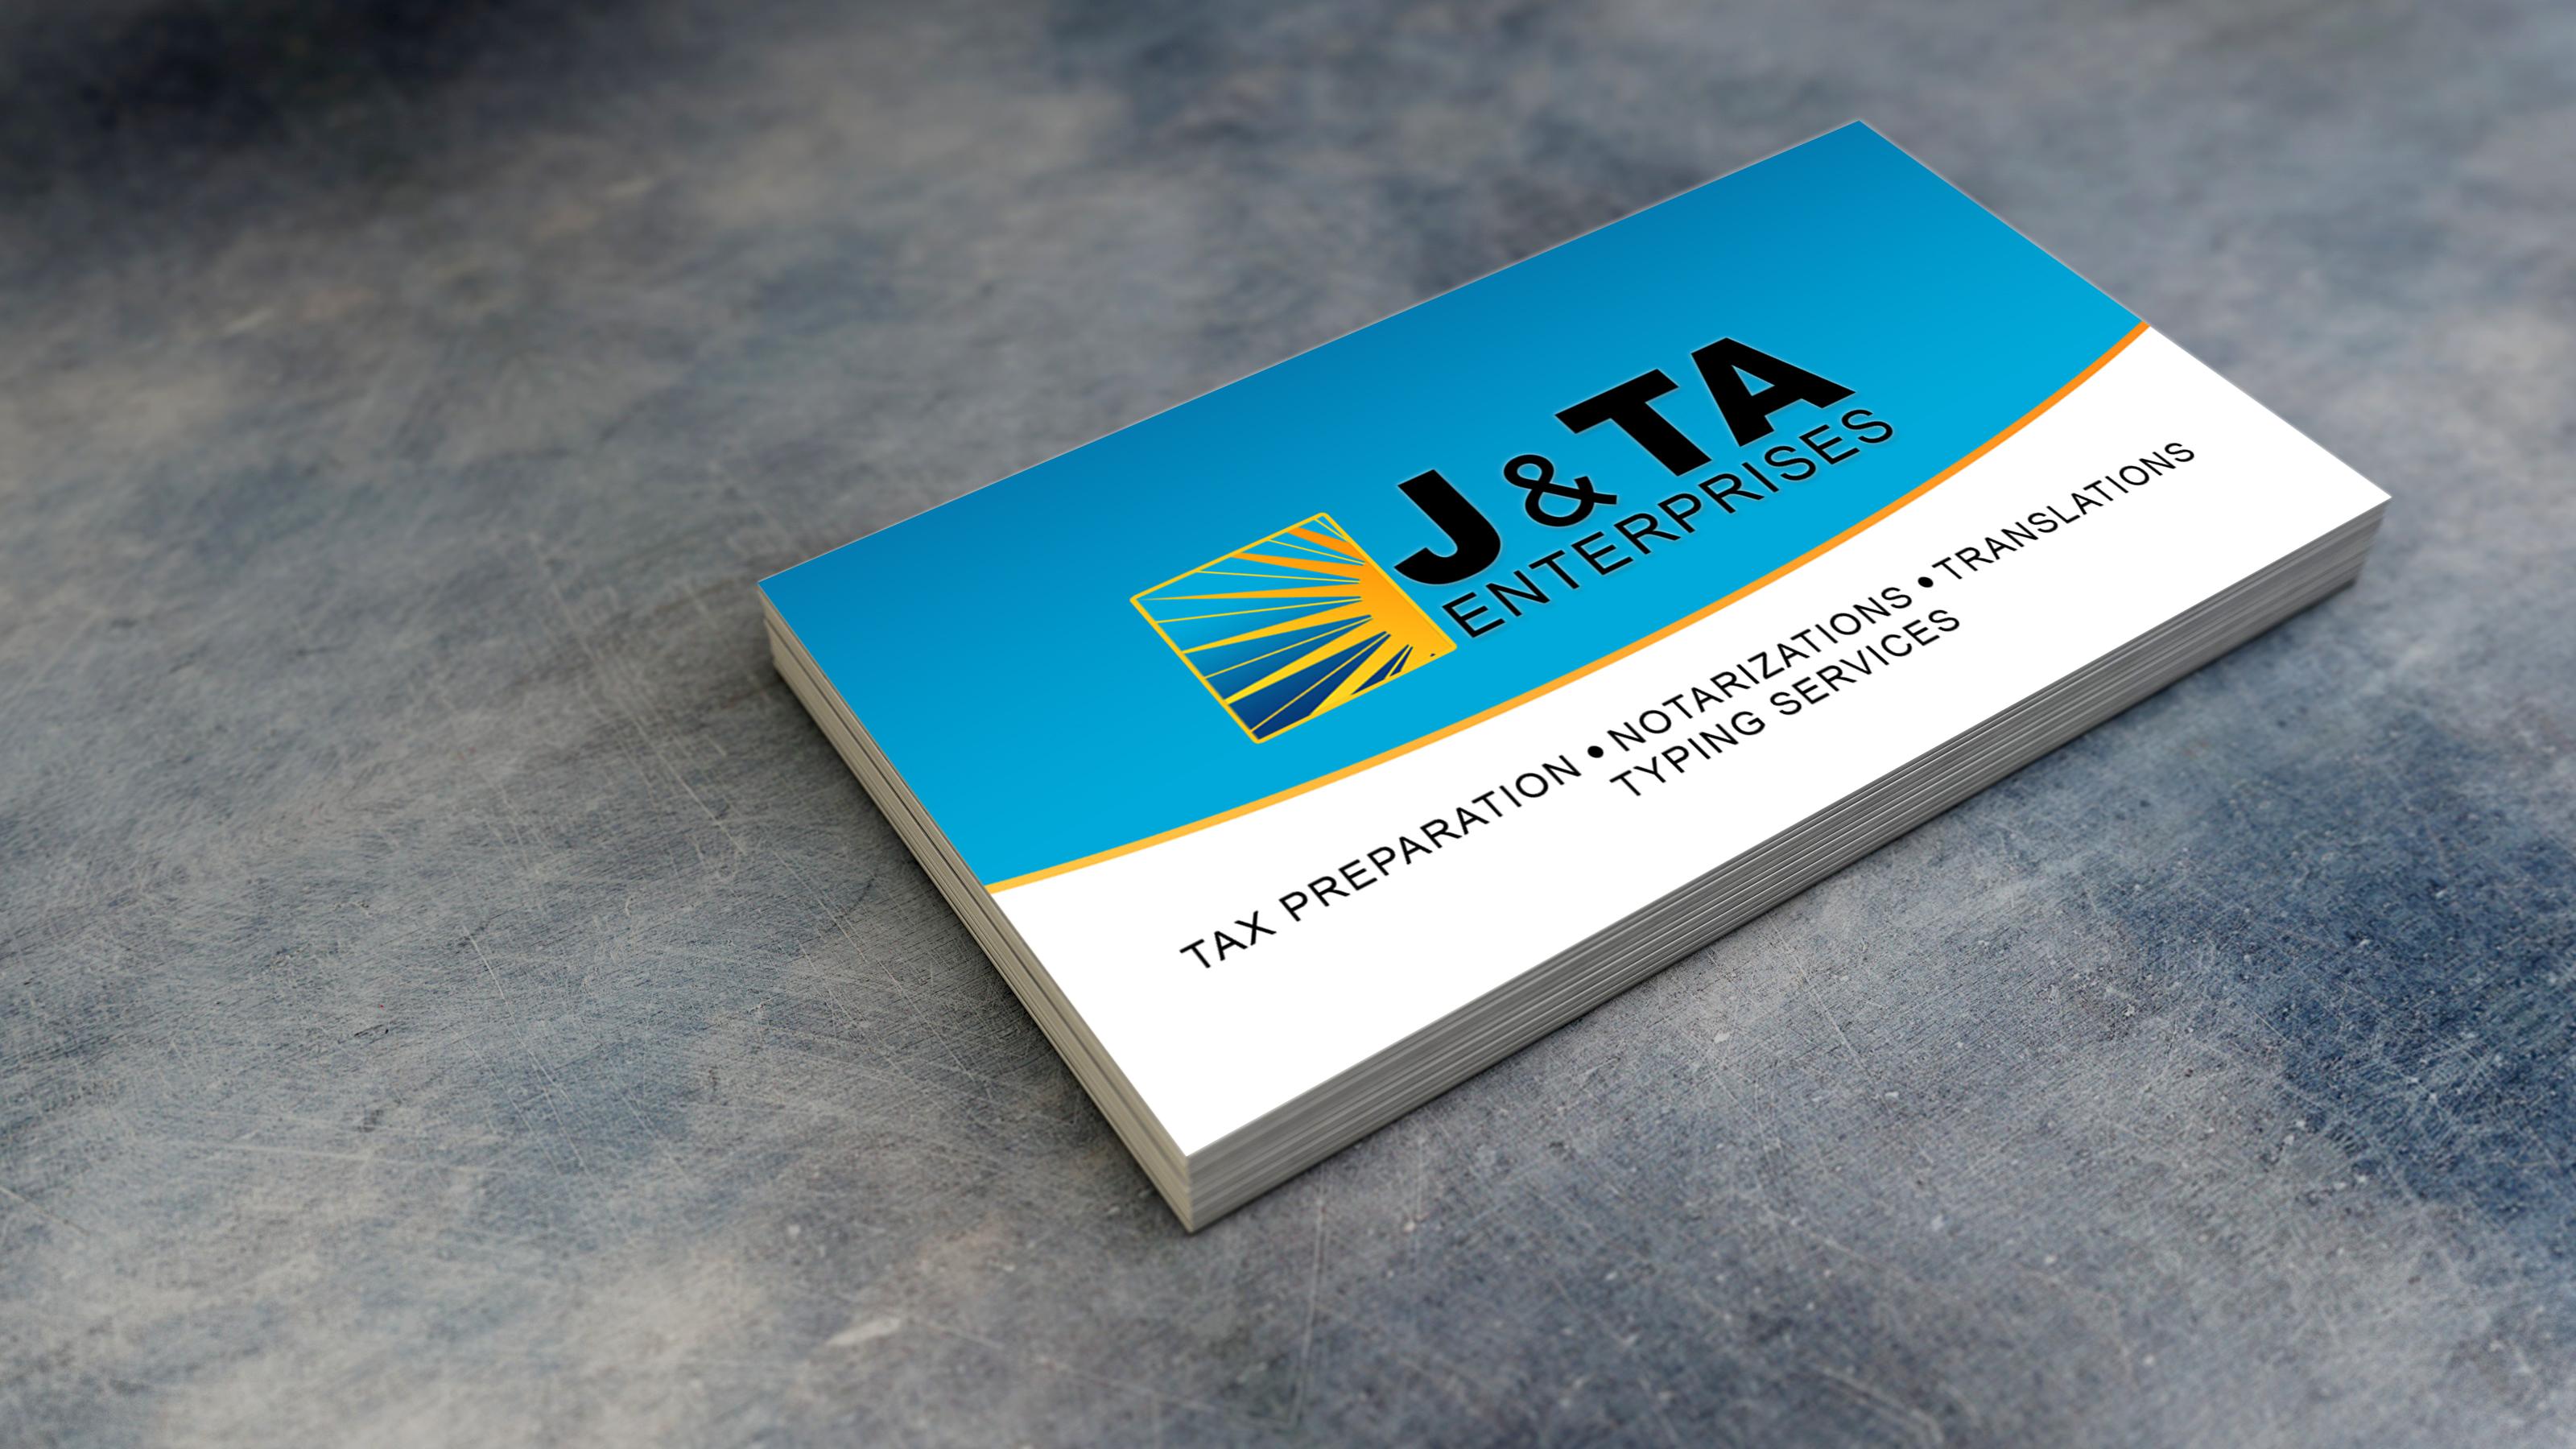 J & TA Enterprises